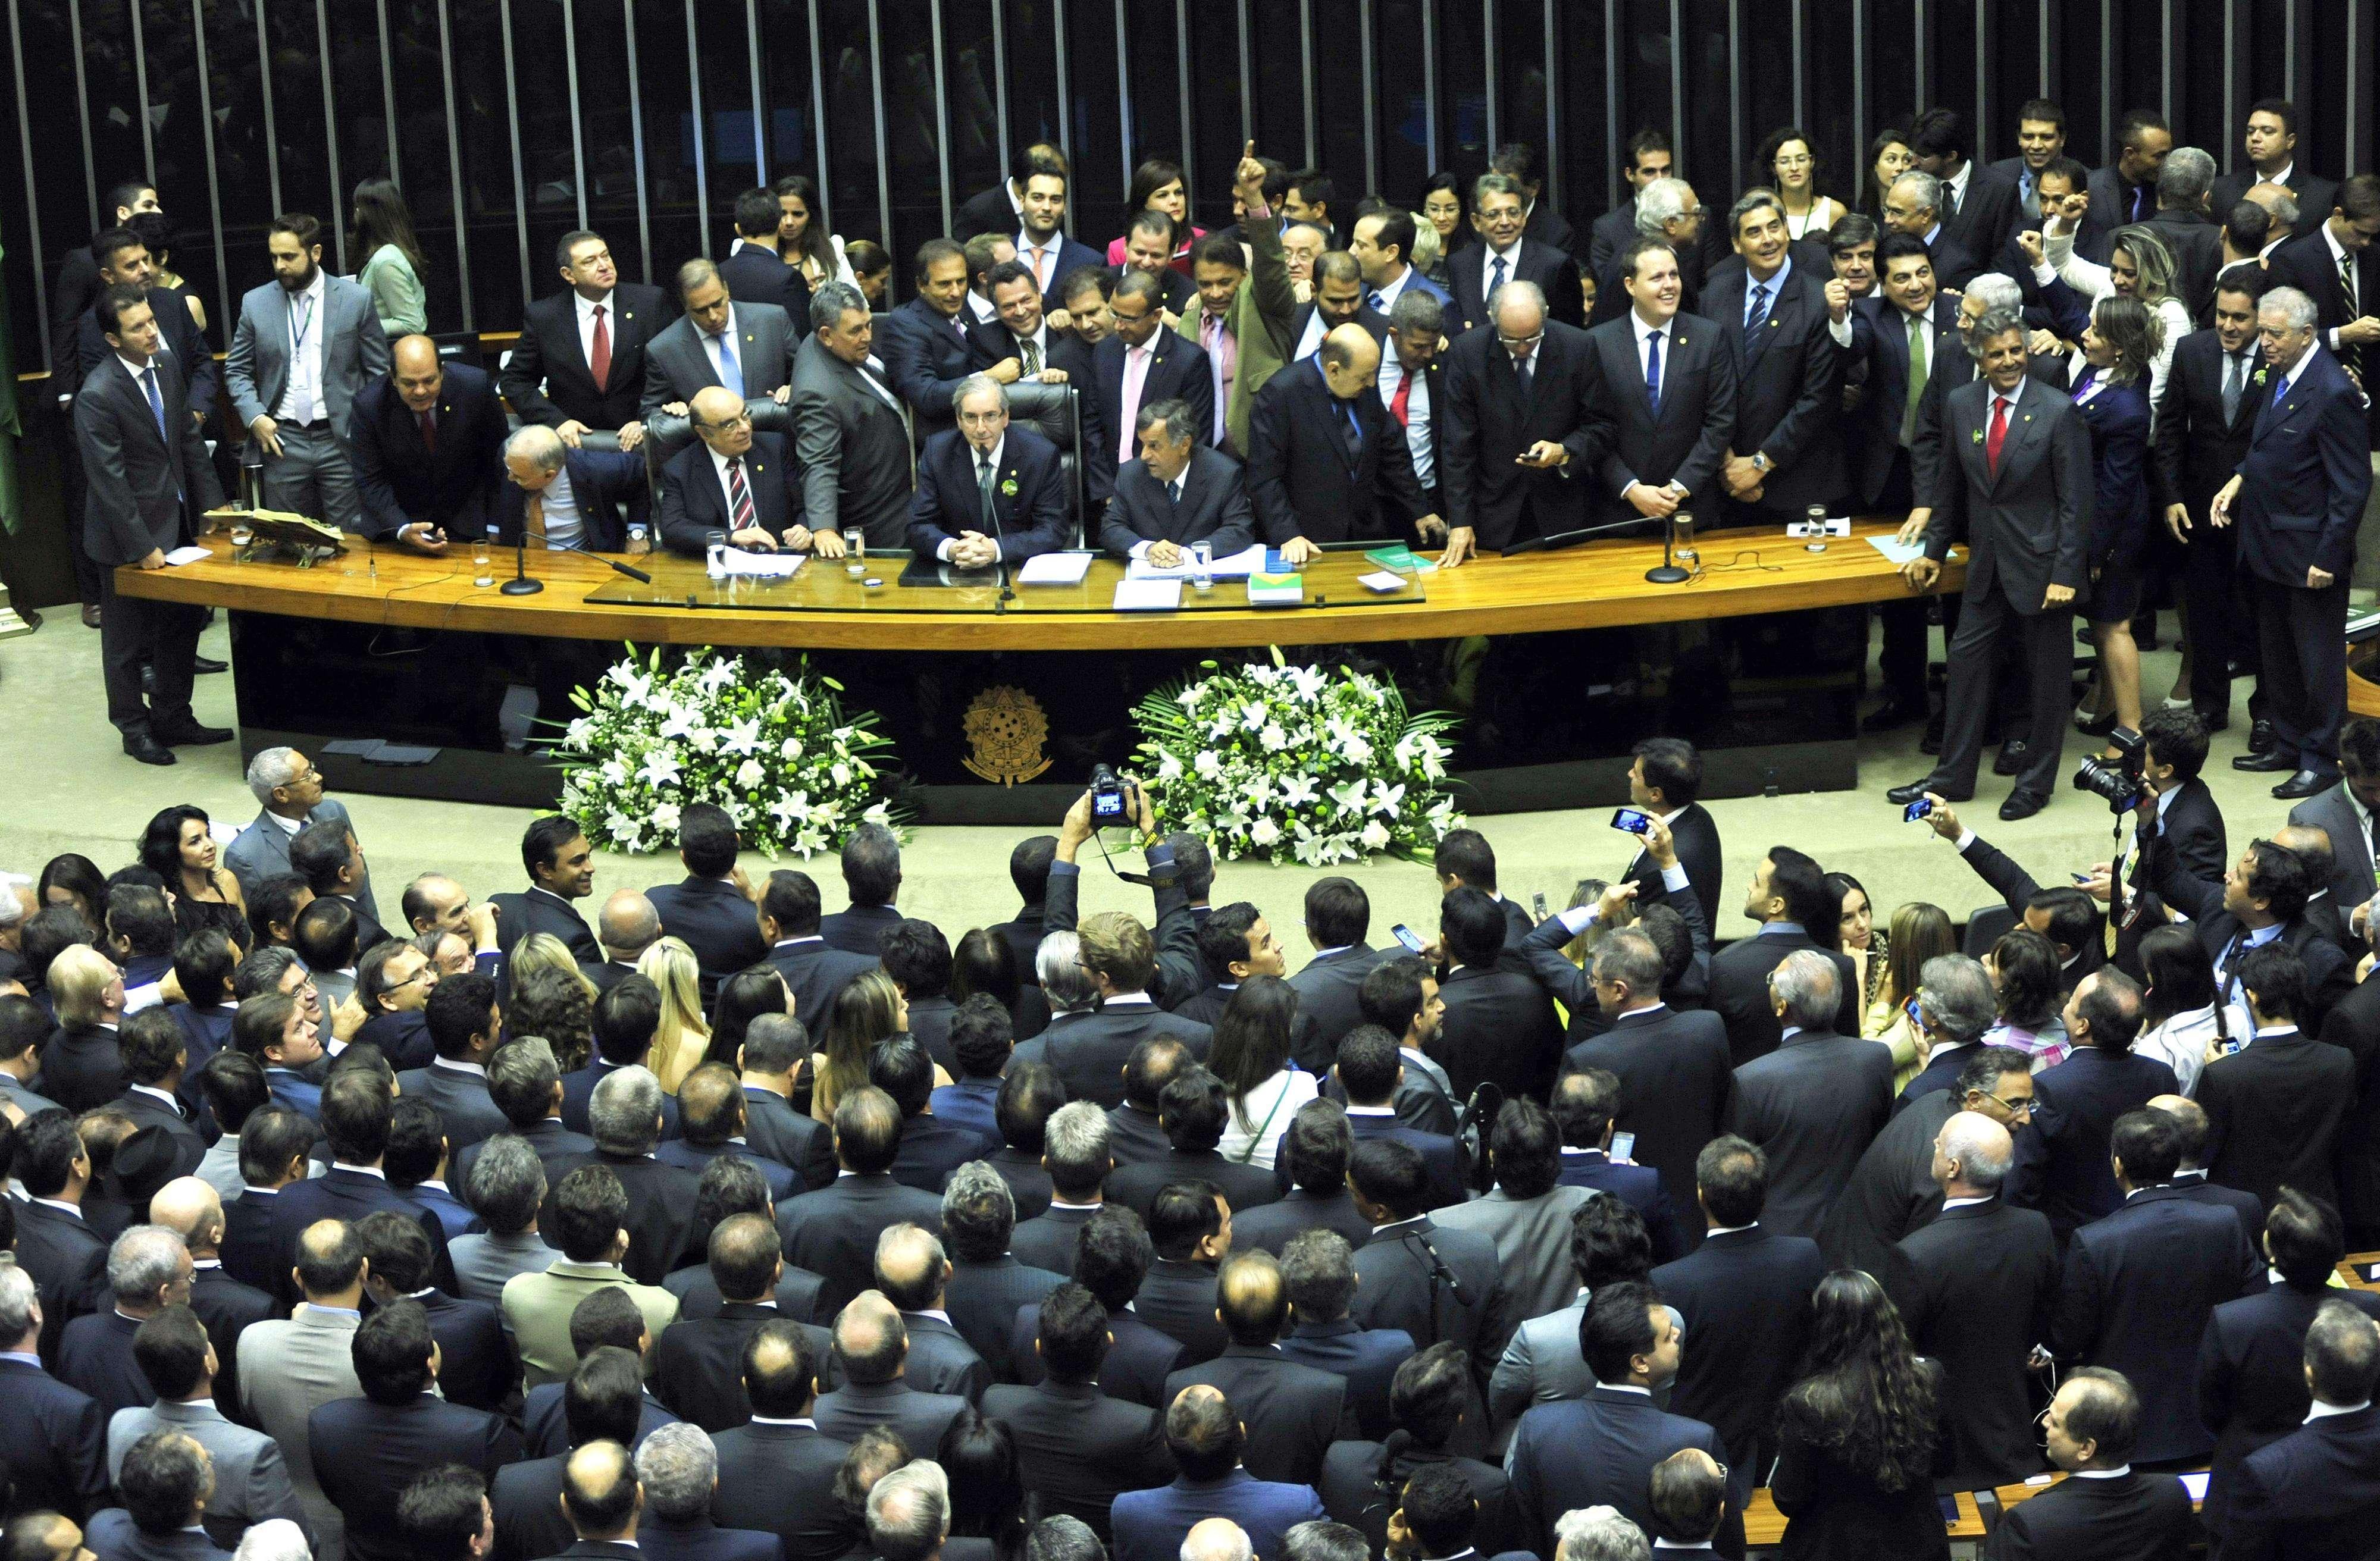 Eduardo Cunha foi eleito para presidir a Câmara dos Deputados pelos próximos dois anos Foto: Laycer Tomaz/Agência Câmara